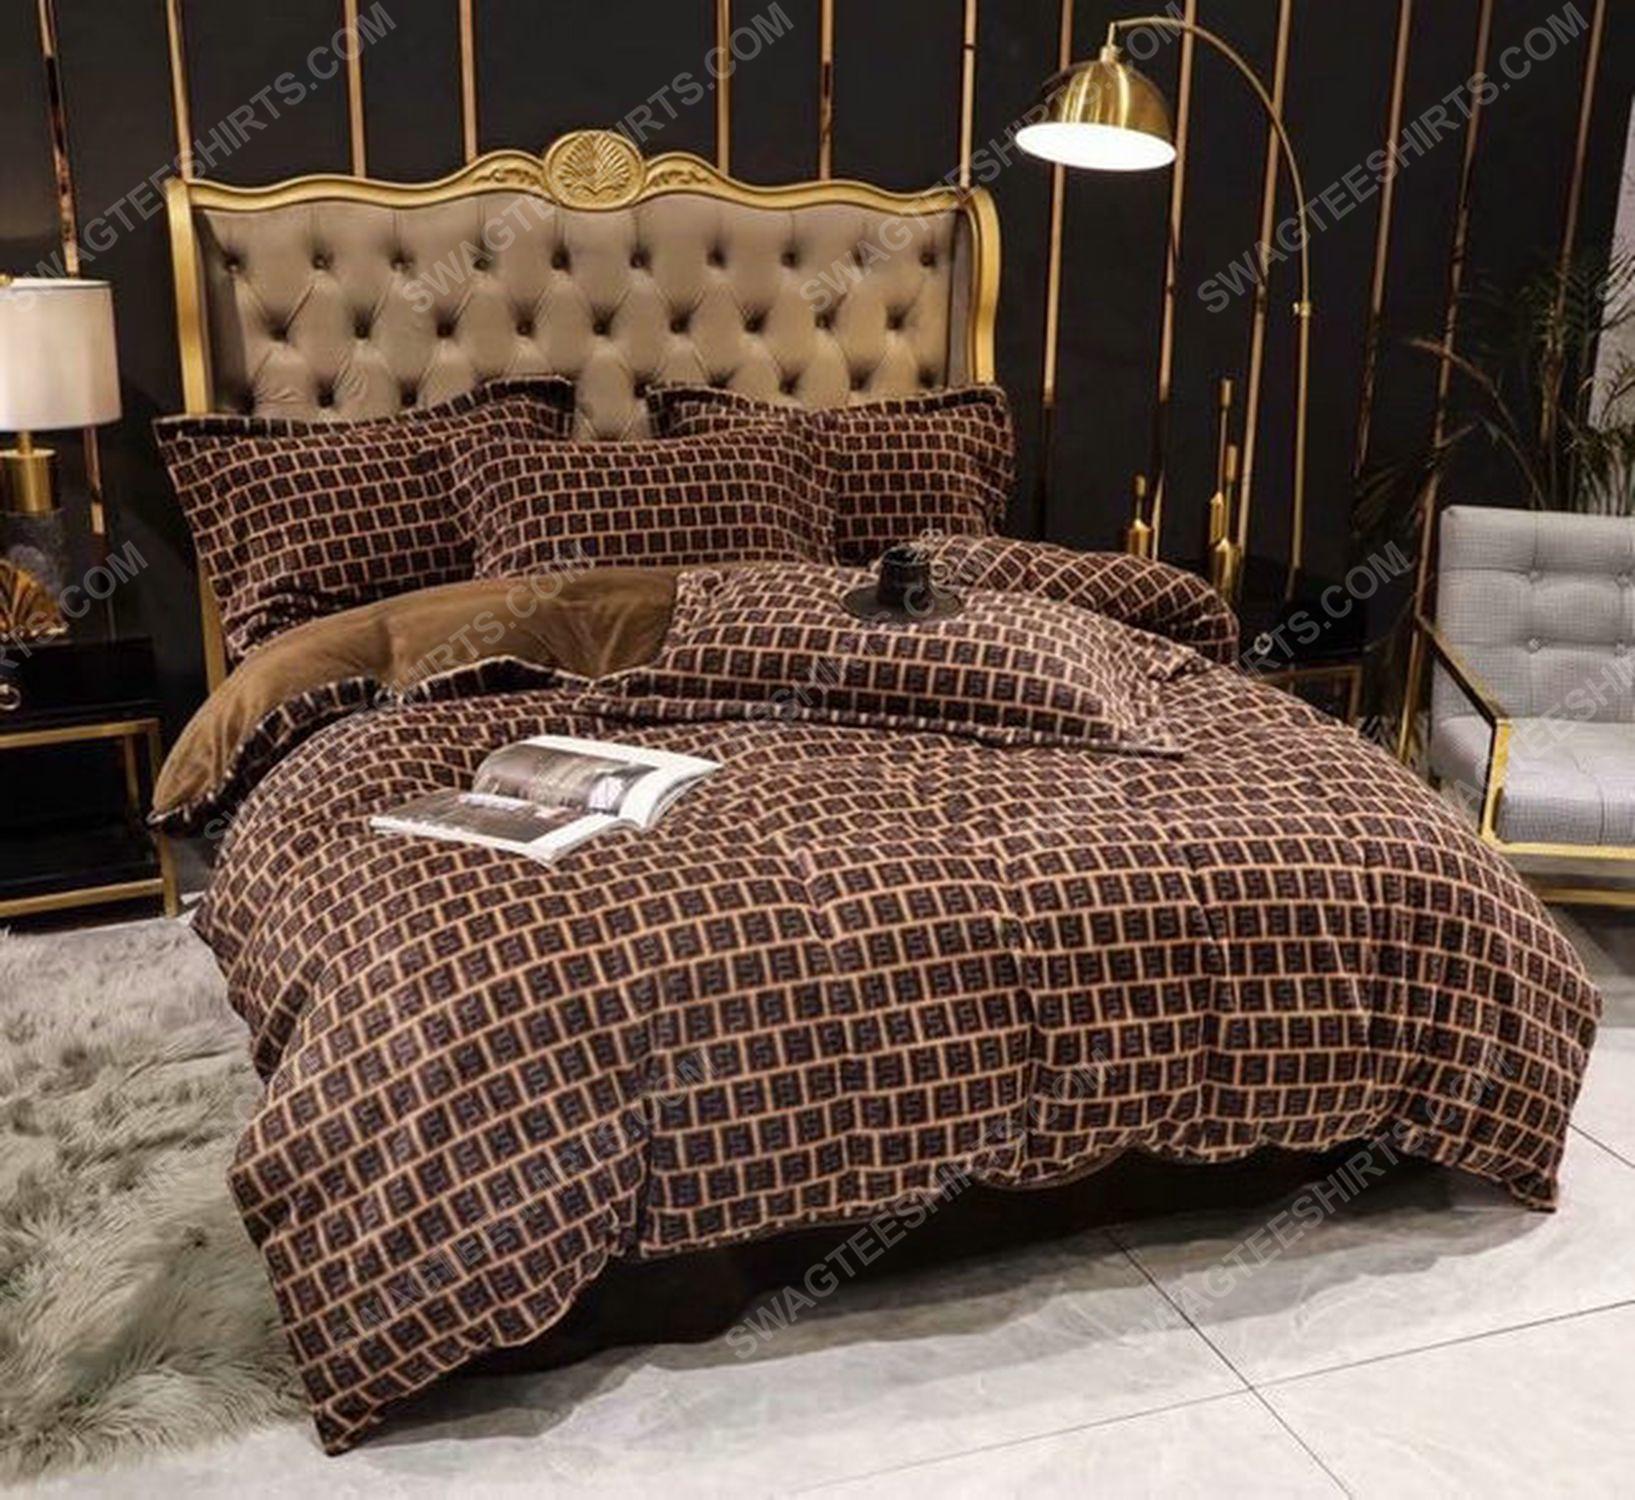 Fendi monogram symbols full print duvet cover bedding set 1